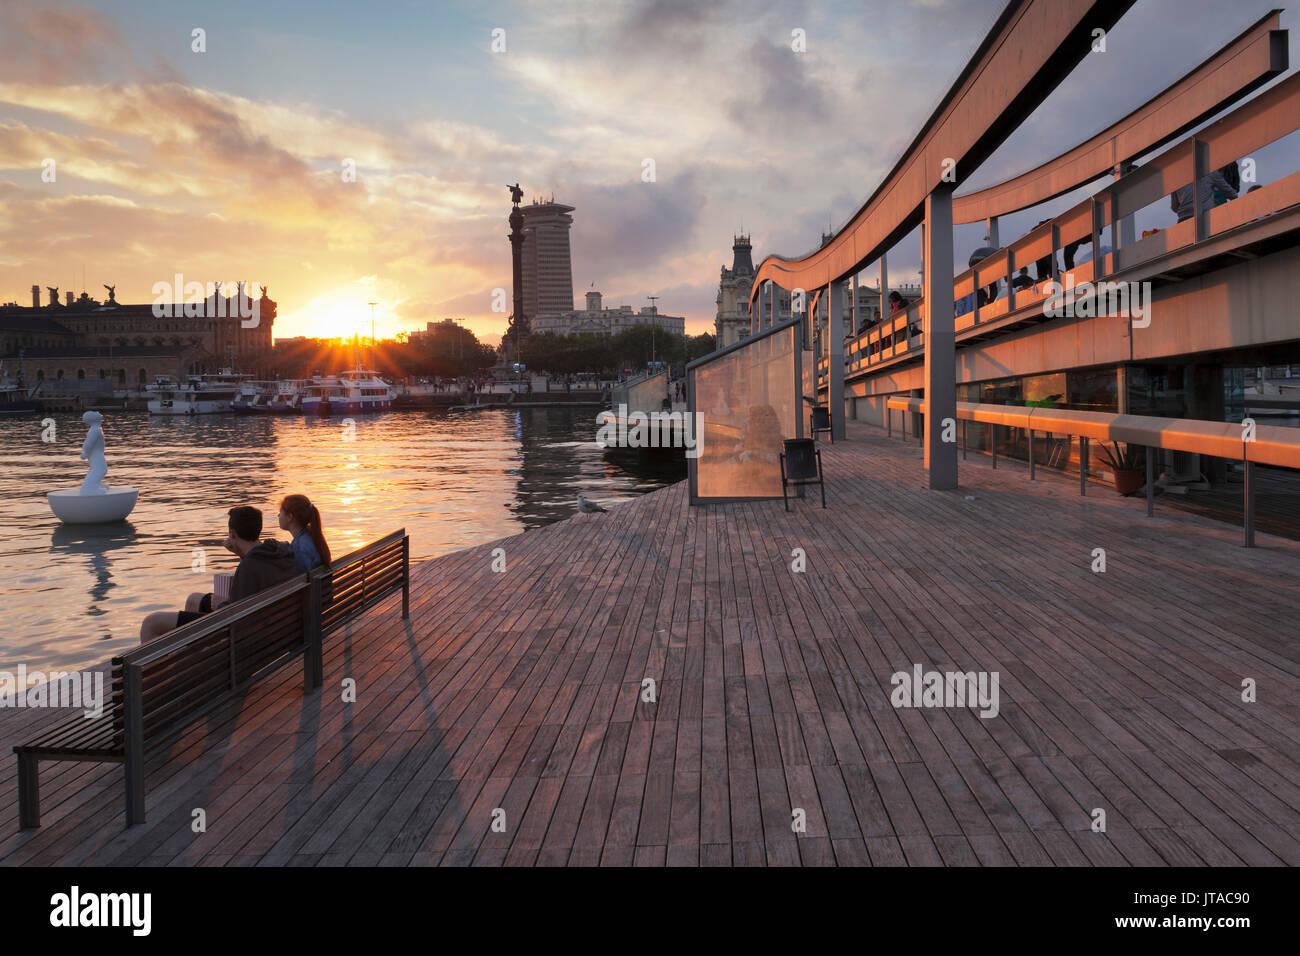 La rambla del Mar en el Port Vell, Edificio Torre de Colón y el Monumento a Colón (Monument a Colom), Barcelona, Cataluña, España y Europa Imagen De Stock